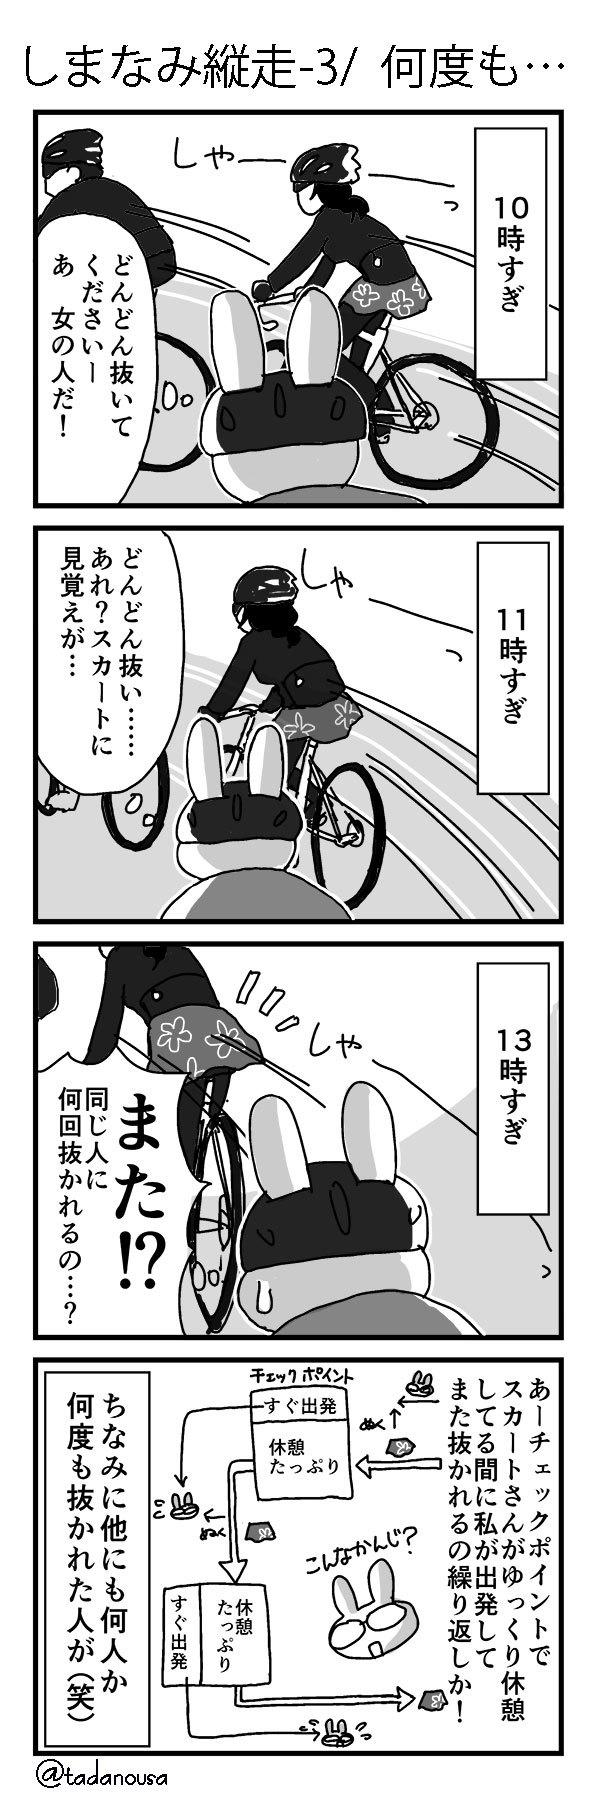 しまなみ縦走3